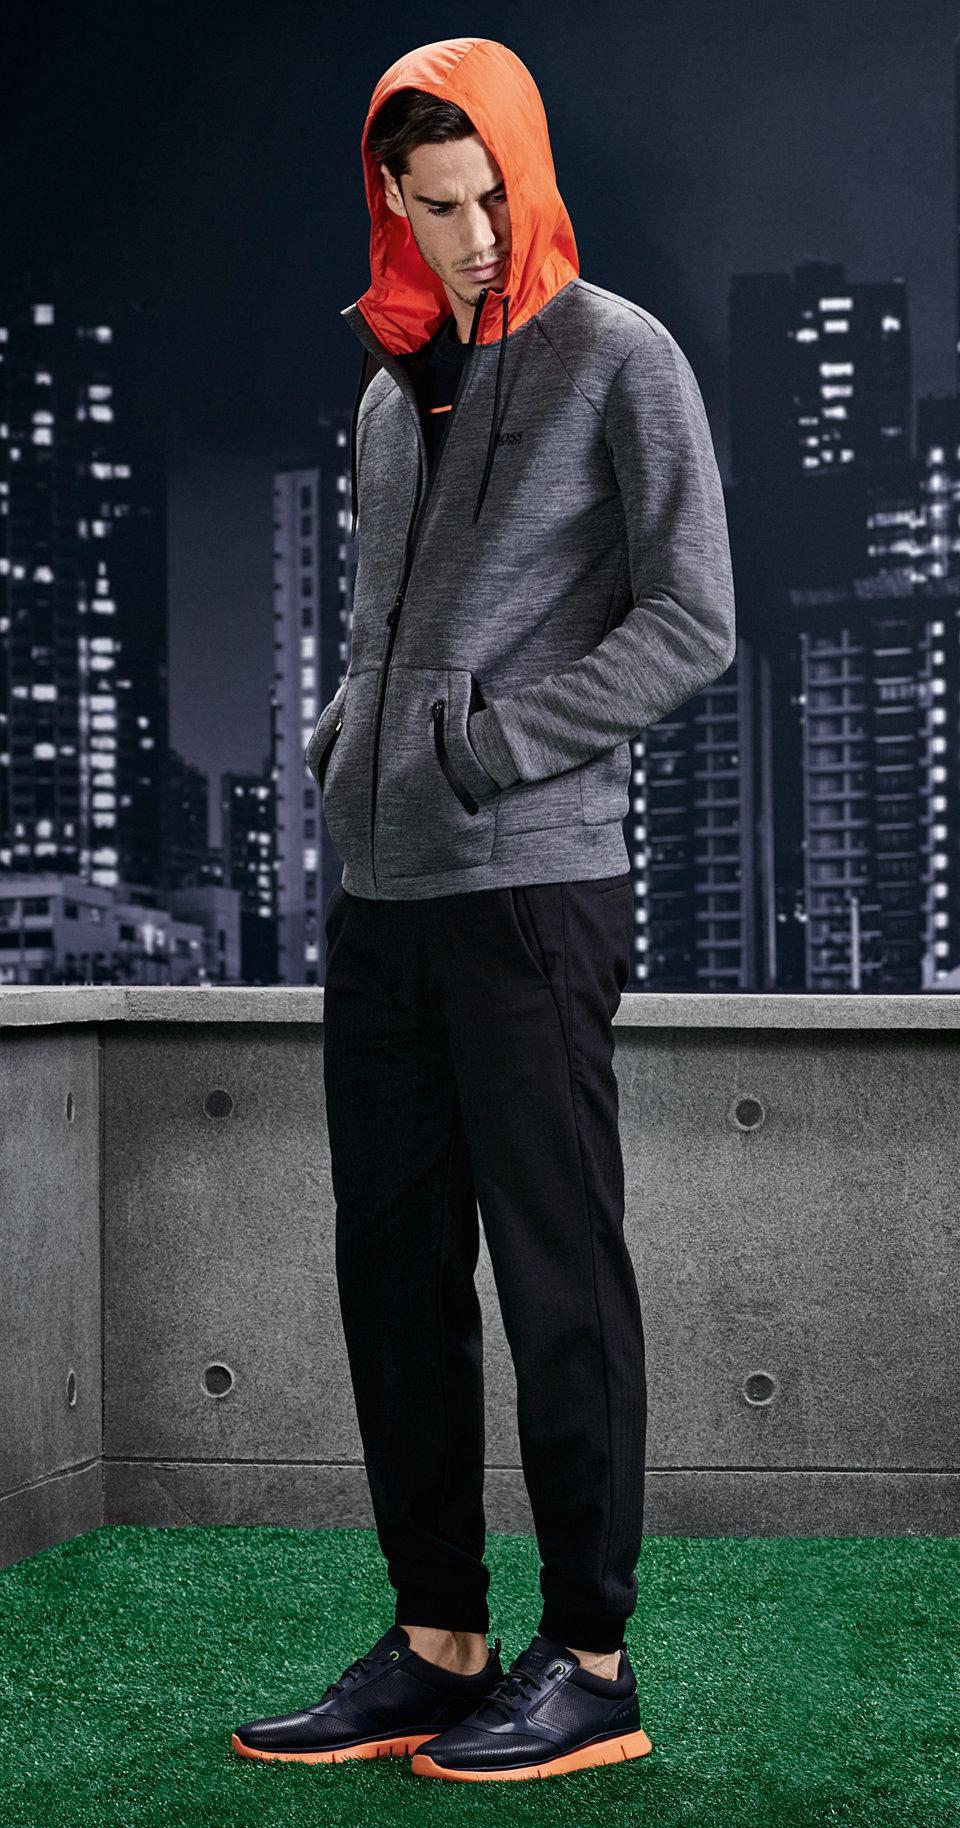 Grijze jersey jas, zwarte broek en sportschoenen van BOSS Green